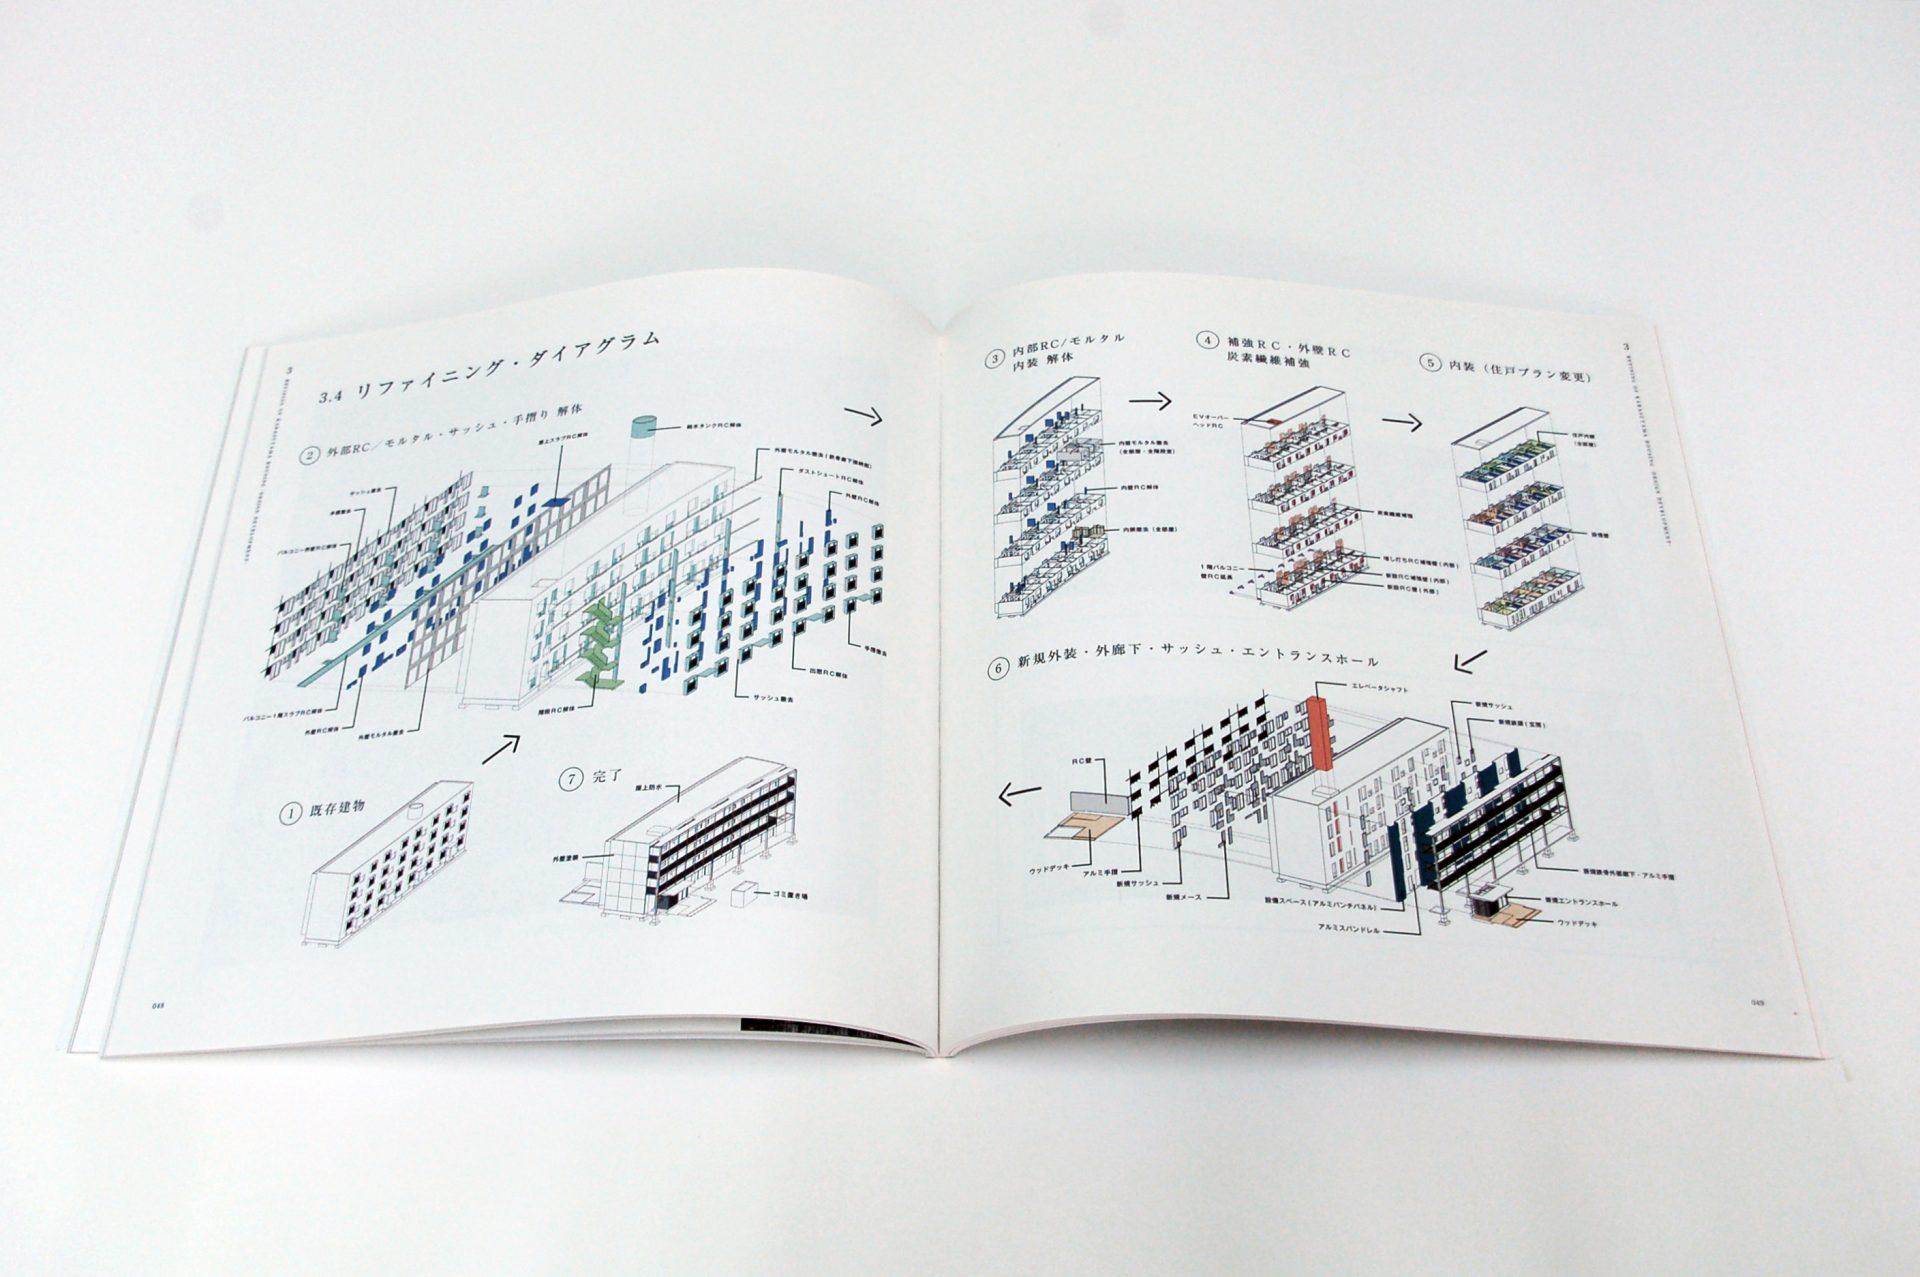 DSC_0042 のコピー